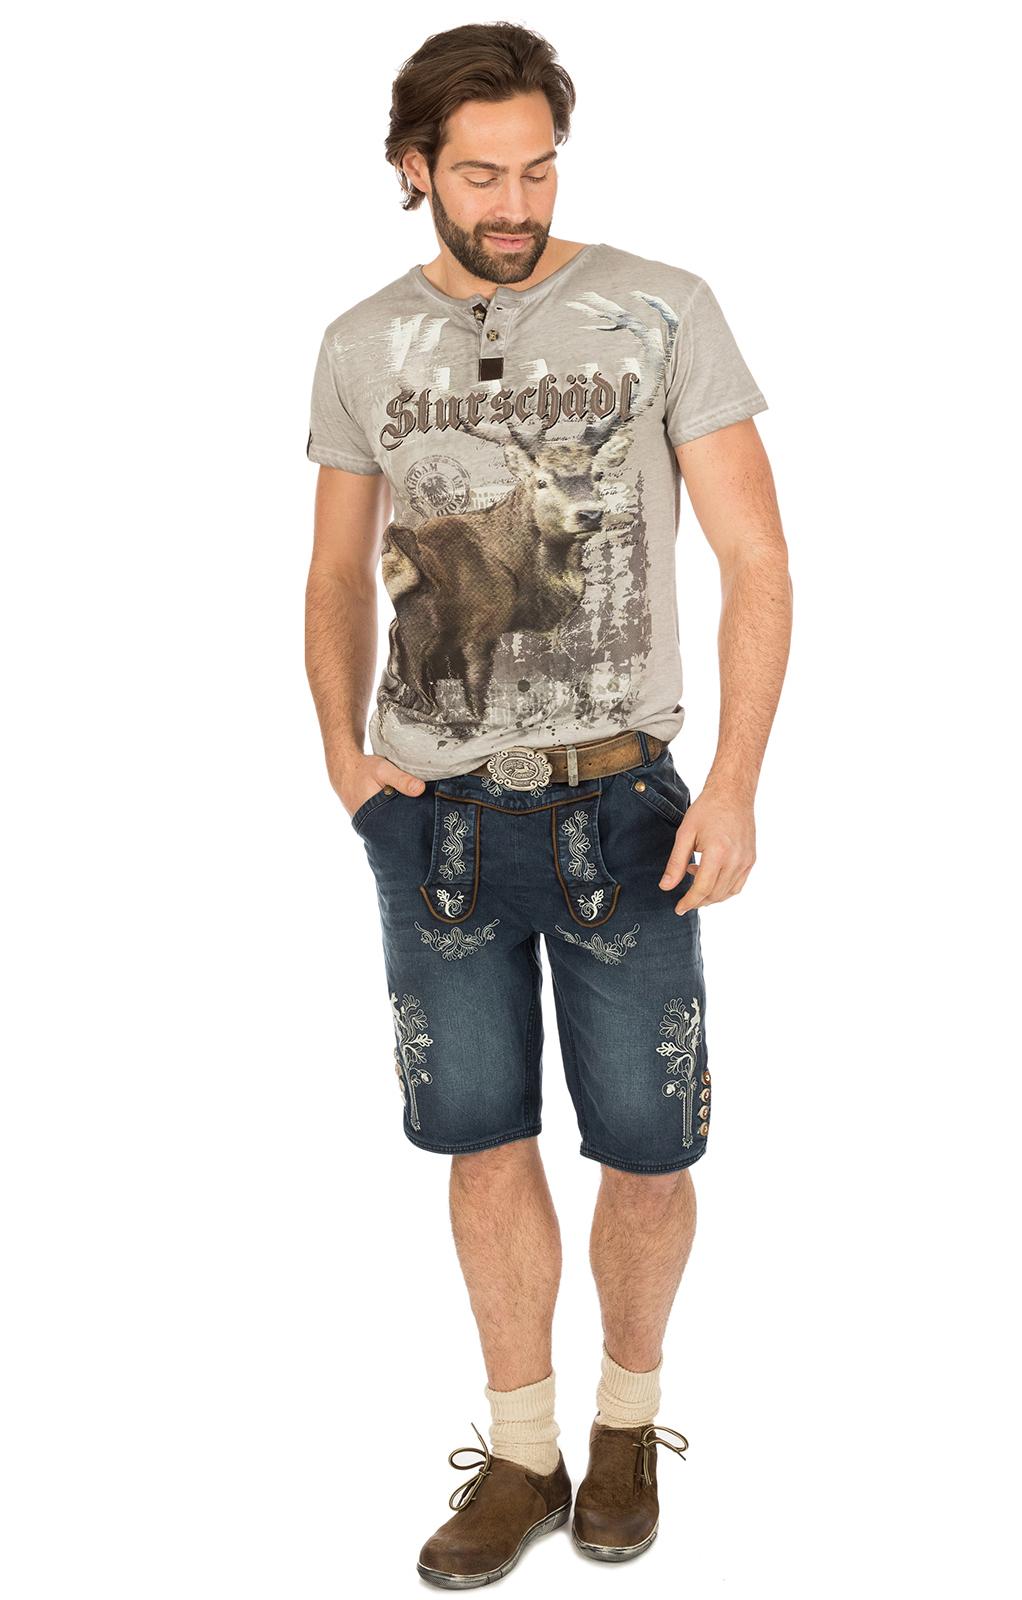 weitere Bilder von Trachten T-Shirt M28 STURSCHÄDL grau